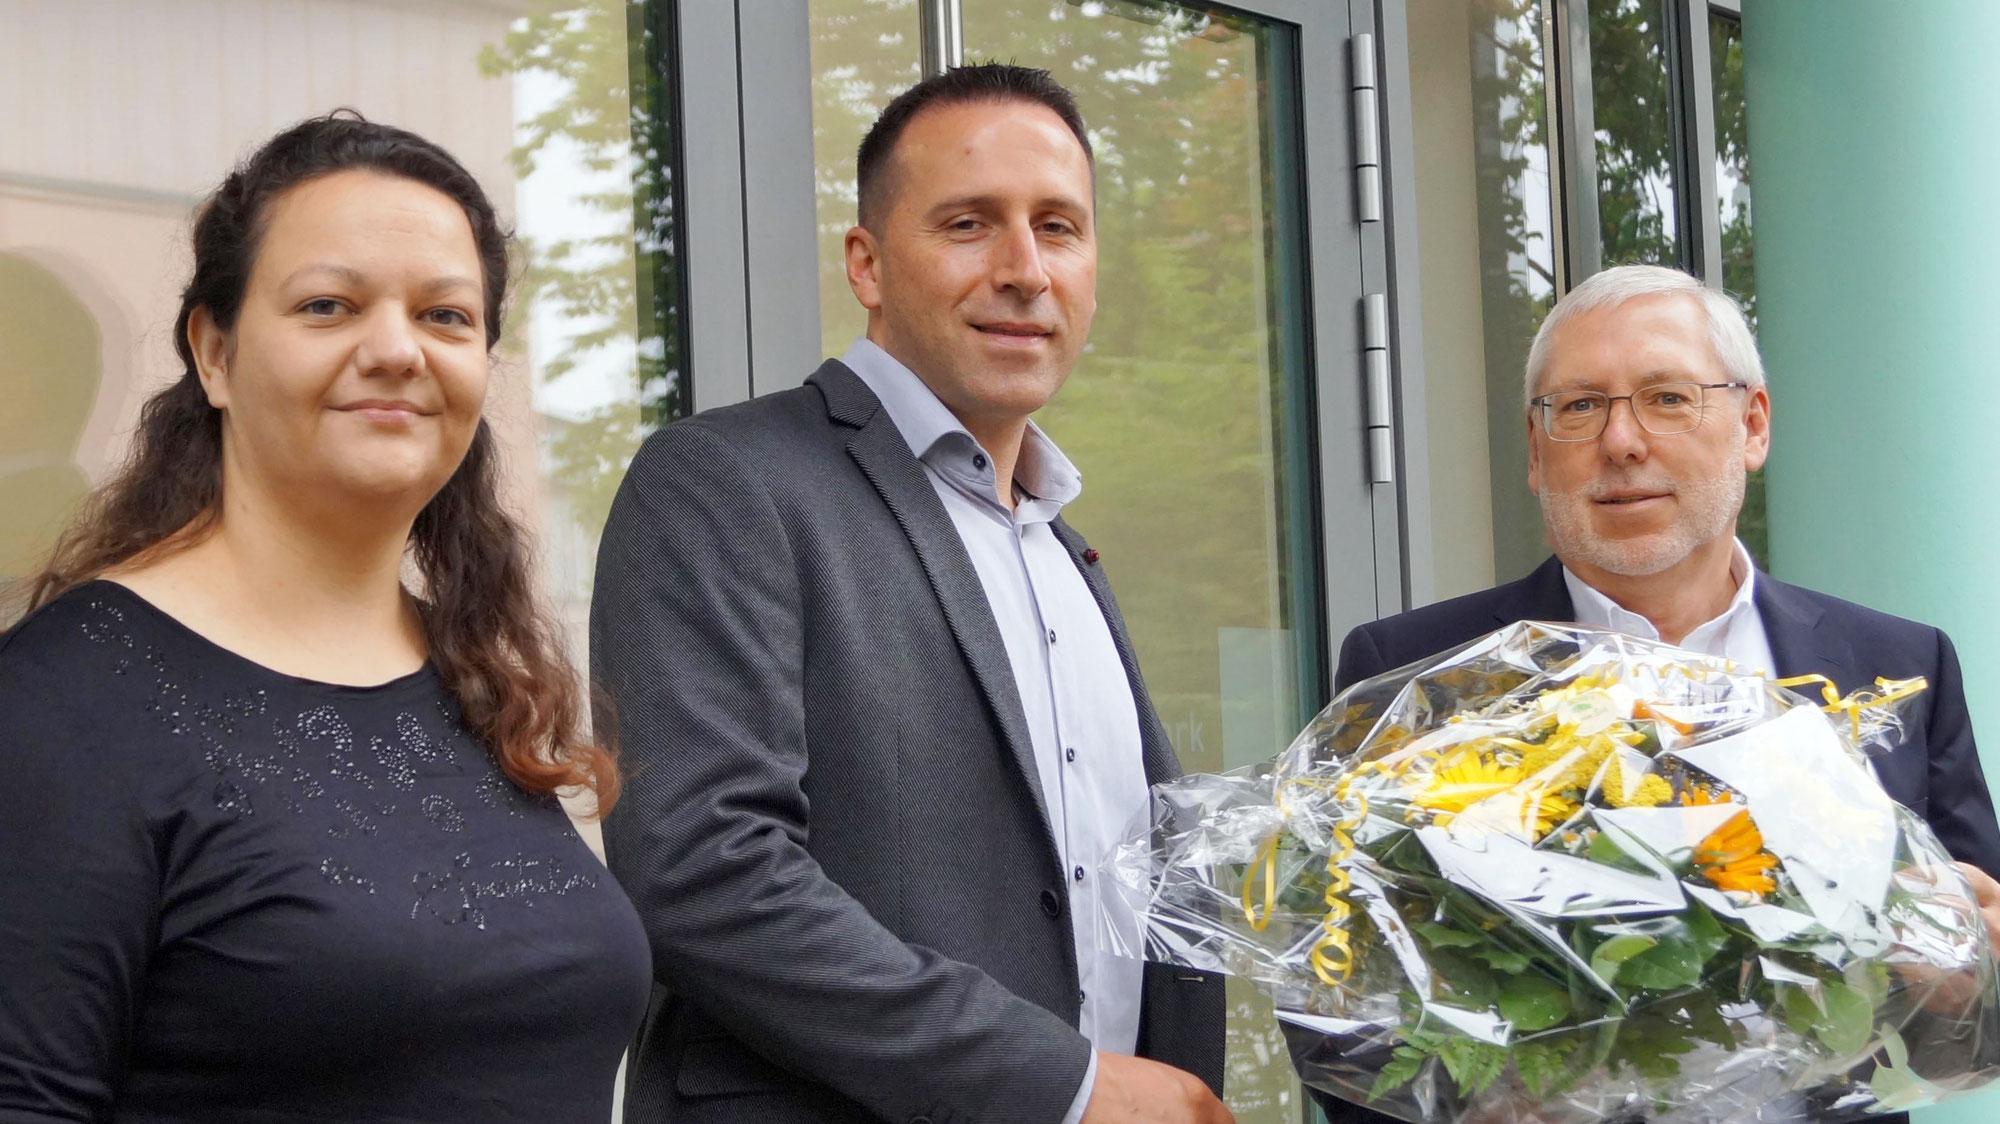 Pflegedienst des Maßregelvollzugszentrums Sachsen-Anhalt fortan unter gemeinsamer Leitung